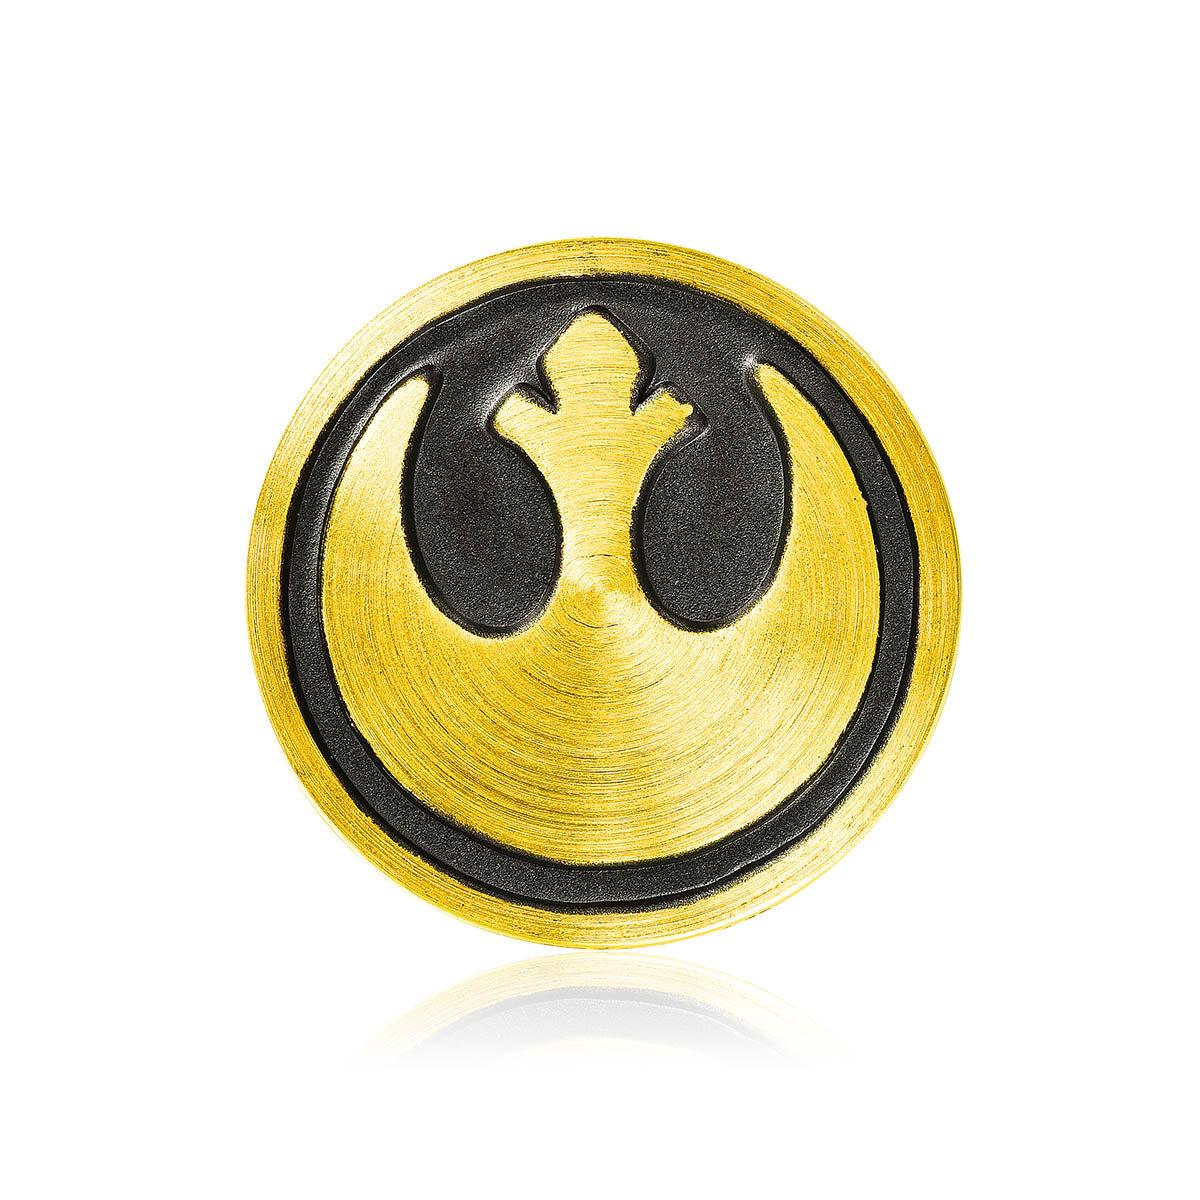 星球大戰系列:銀河帝國及反抗軍同盟 999足金工藝精品串飾(連手繩)